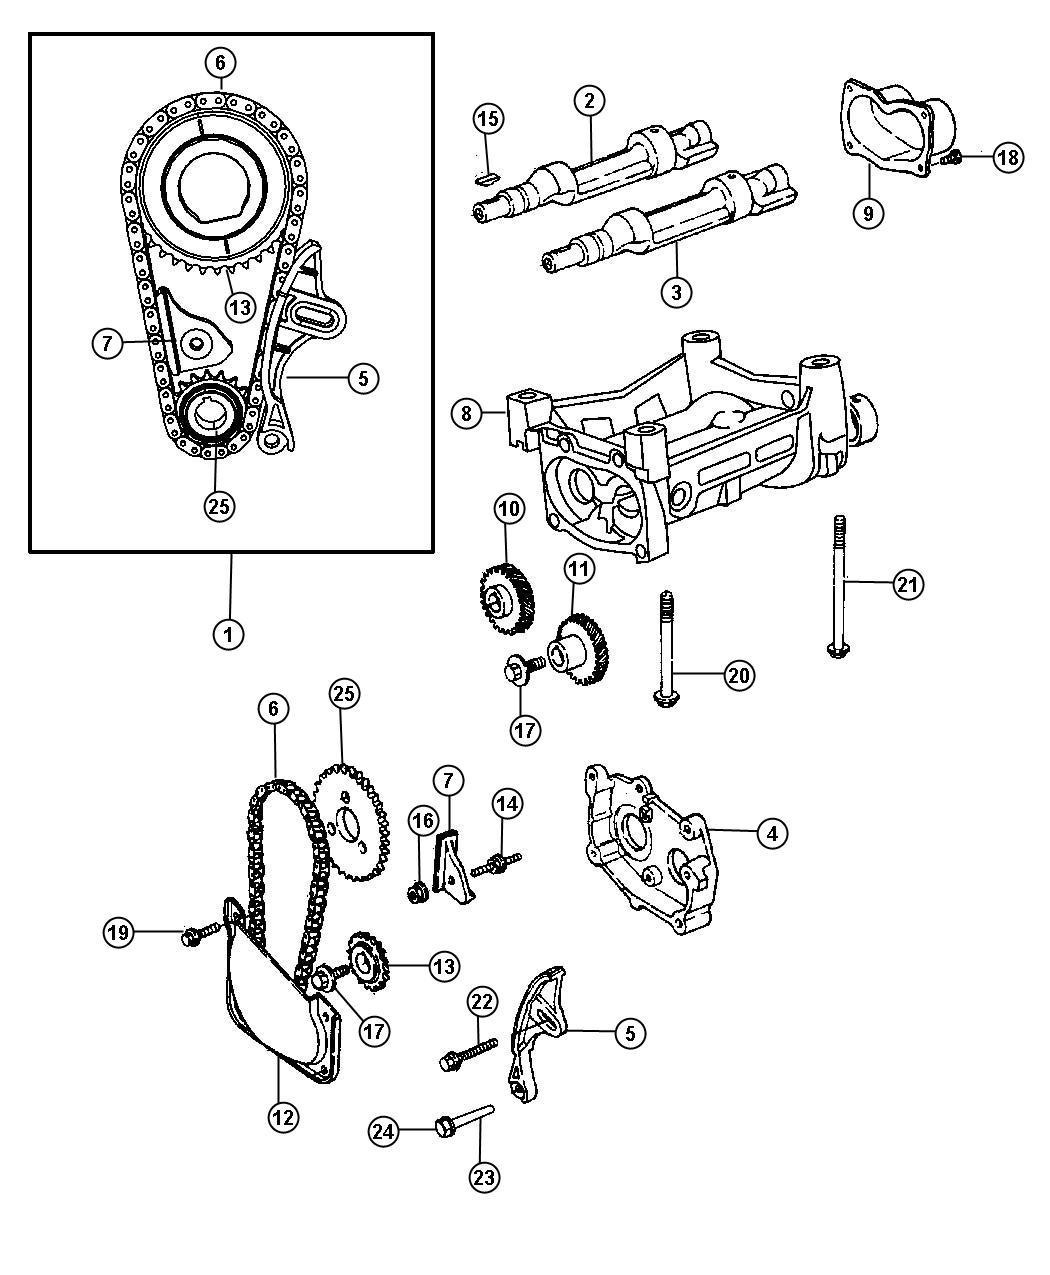 Chrysler Pt Cruiser Chain Balance Balance Shaft Edtedv